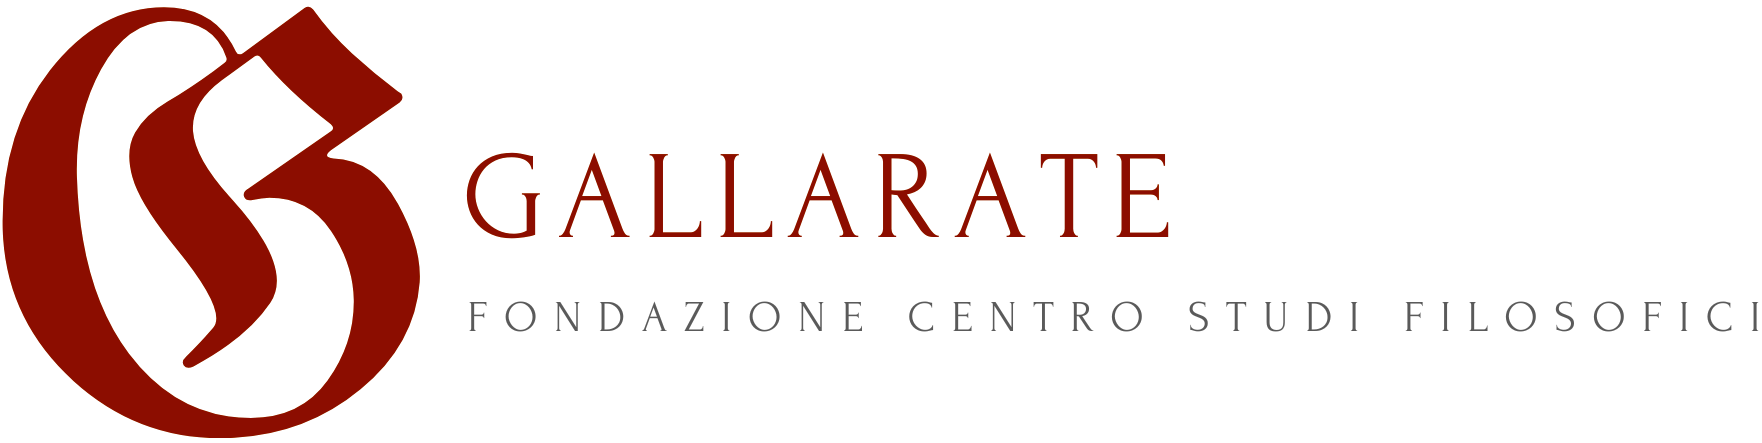 Fondazione Centro di Studi Filosofici Gallarate